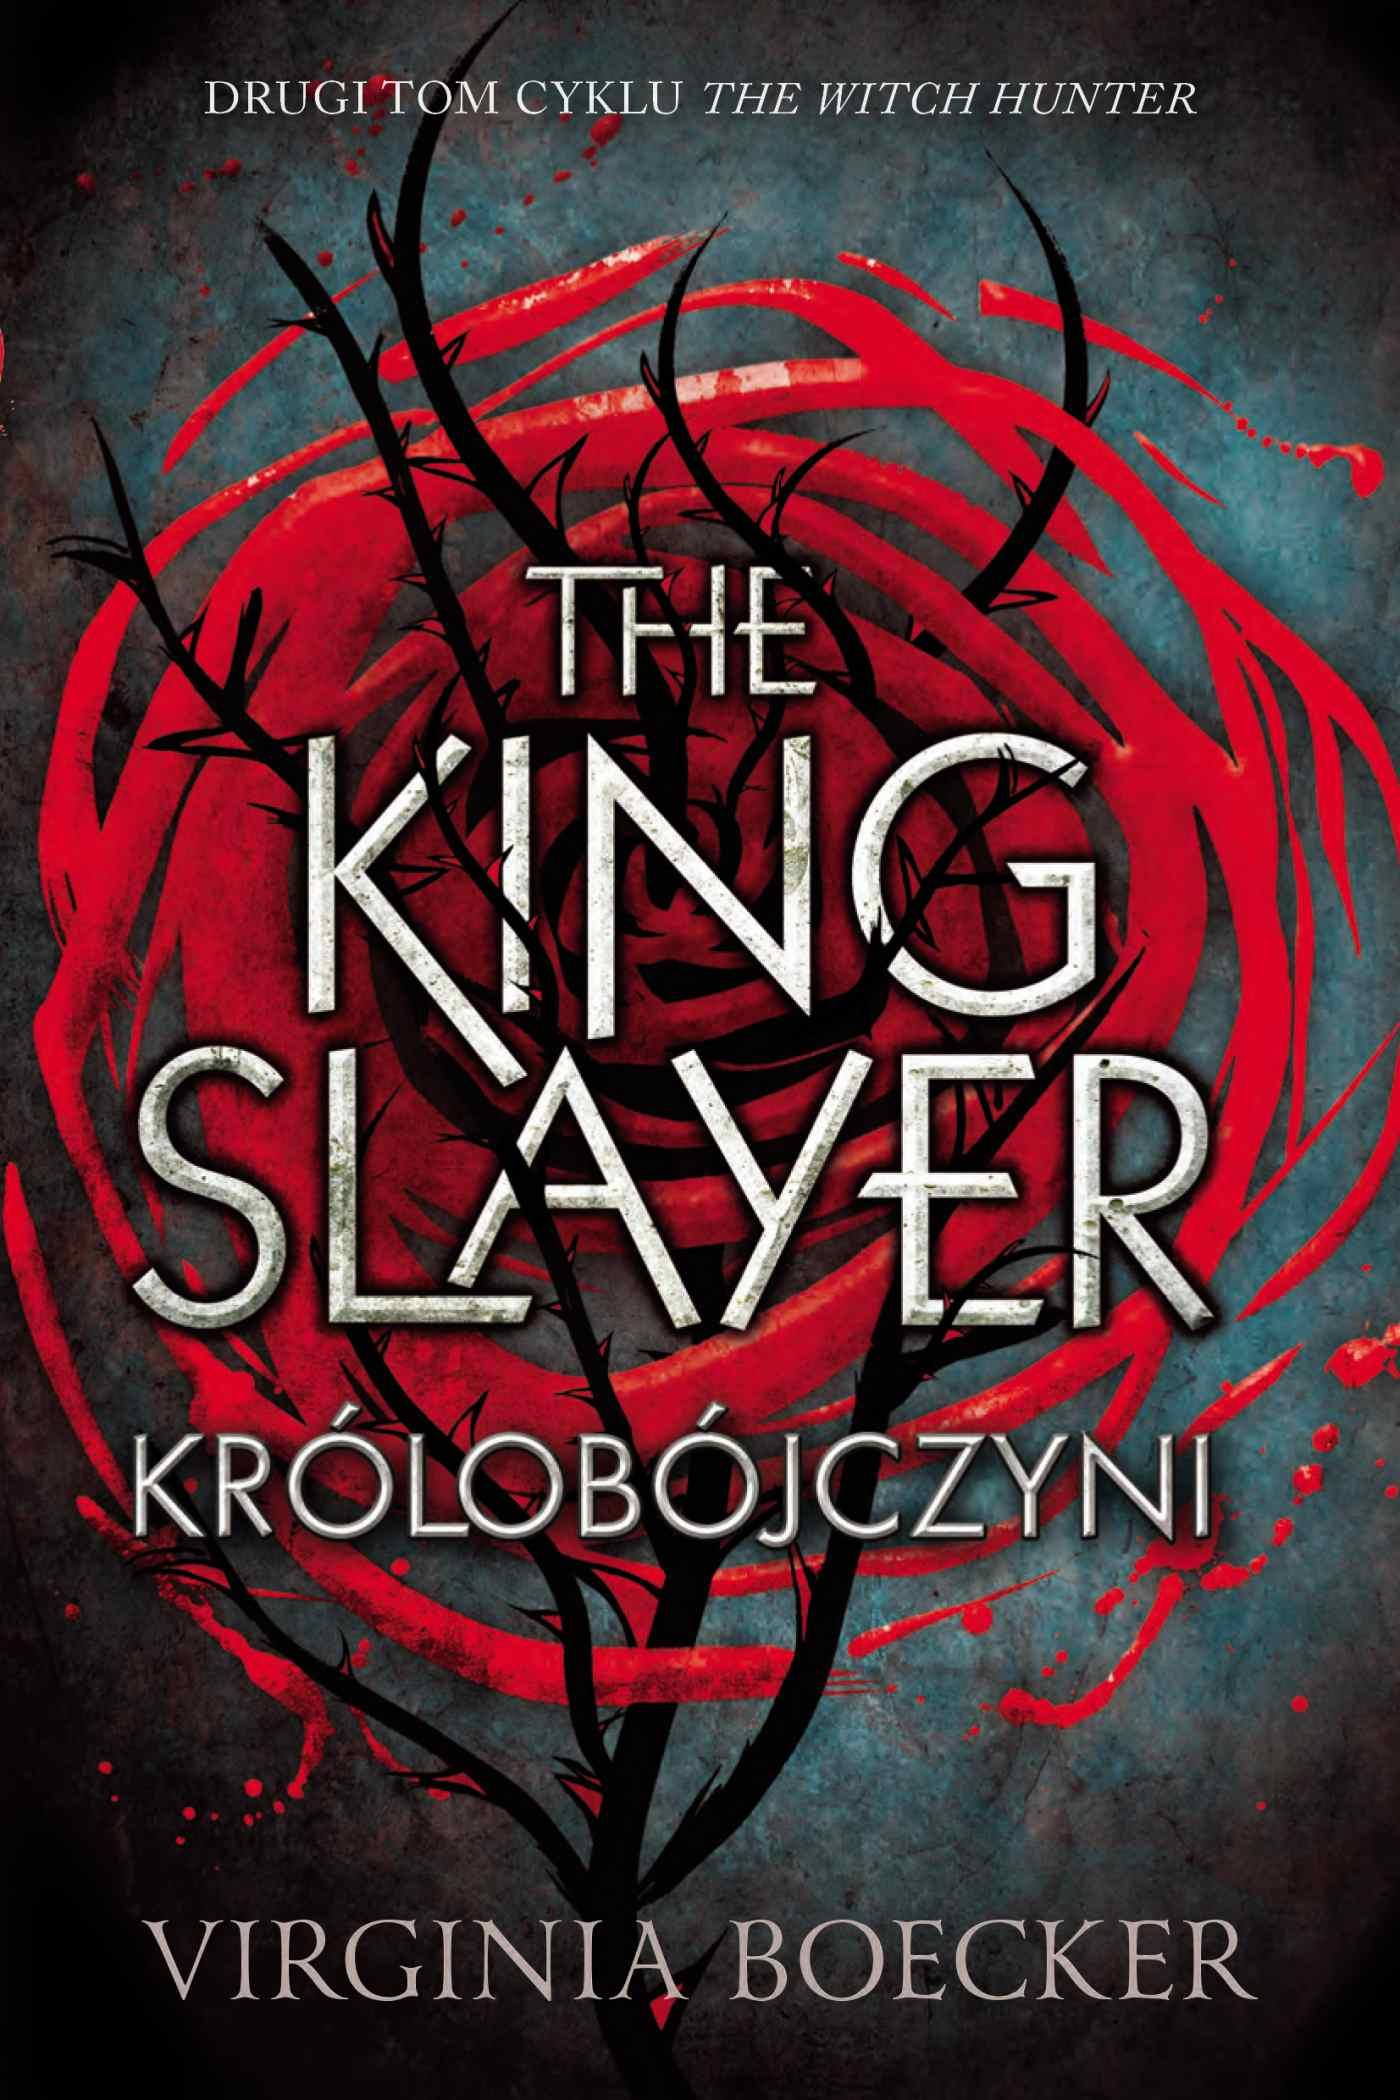 The King Slayer. Królobójczyni - Ebook (Książka EPUB) do pobrania w formacie EPUB